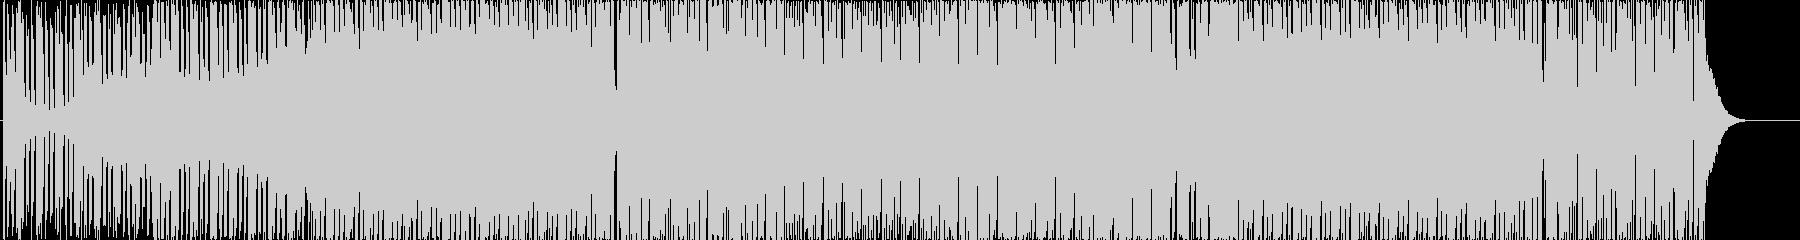 EDM,ビッグルーム系のクラブ・ダンス曲の未再生の波形